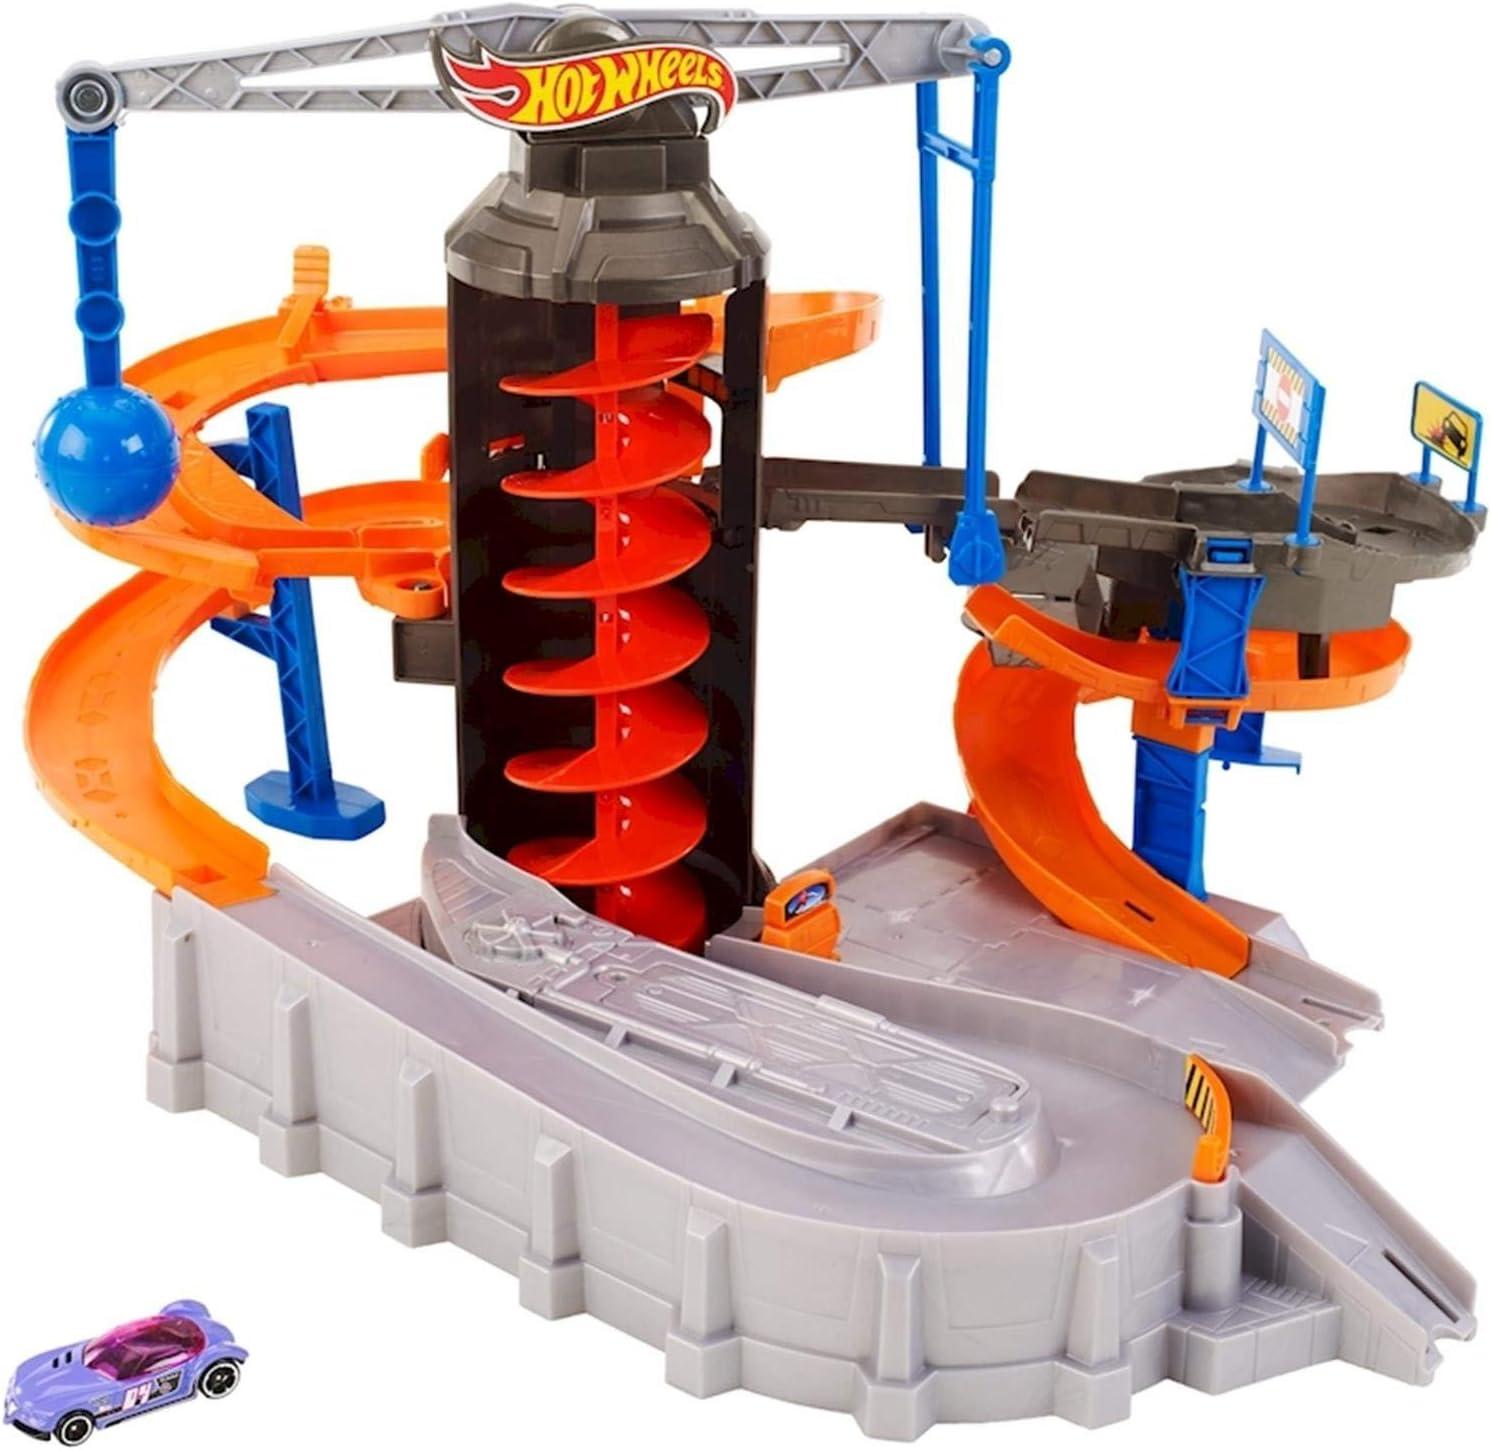 Mattel GmbH - Zona de demolición Hot Wheels: Amazon.es: Juguetes y juegos